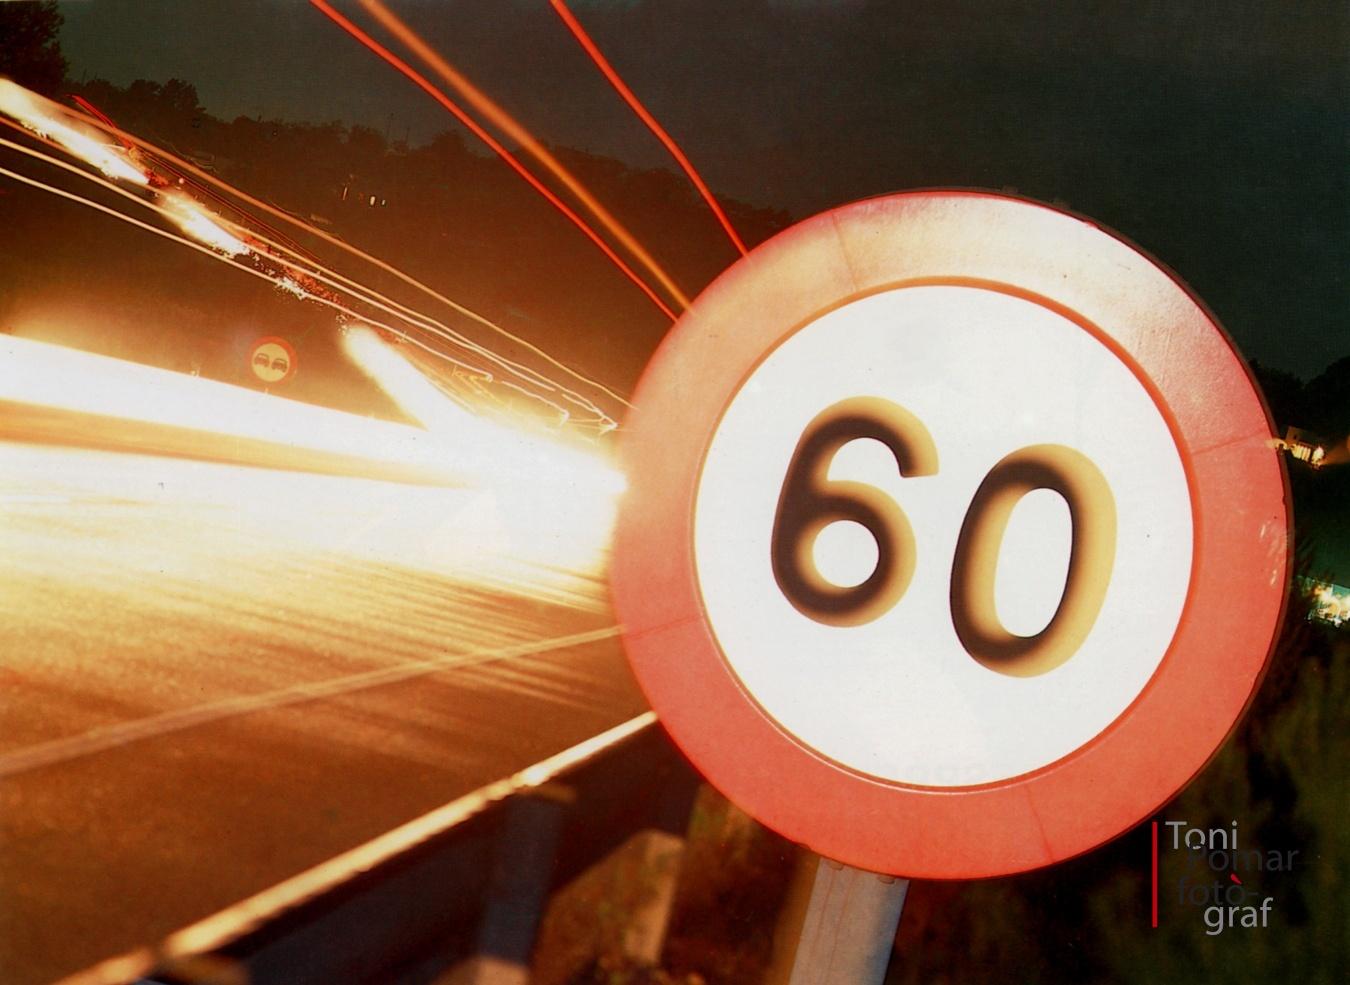 Vora l'autopista que marrcava el número 60, índex màxim de velocitat permesa per la llei i l'ordre - Eivissa as New York - Eivissa as New York